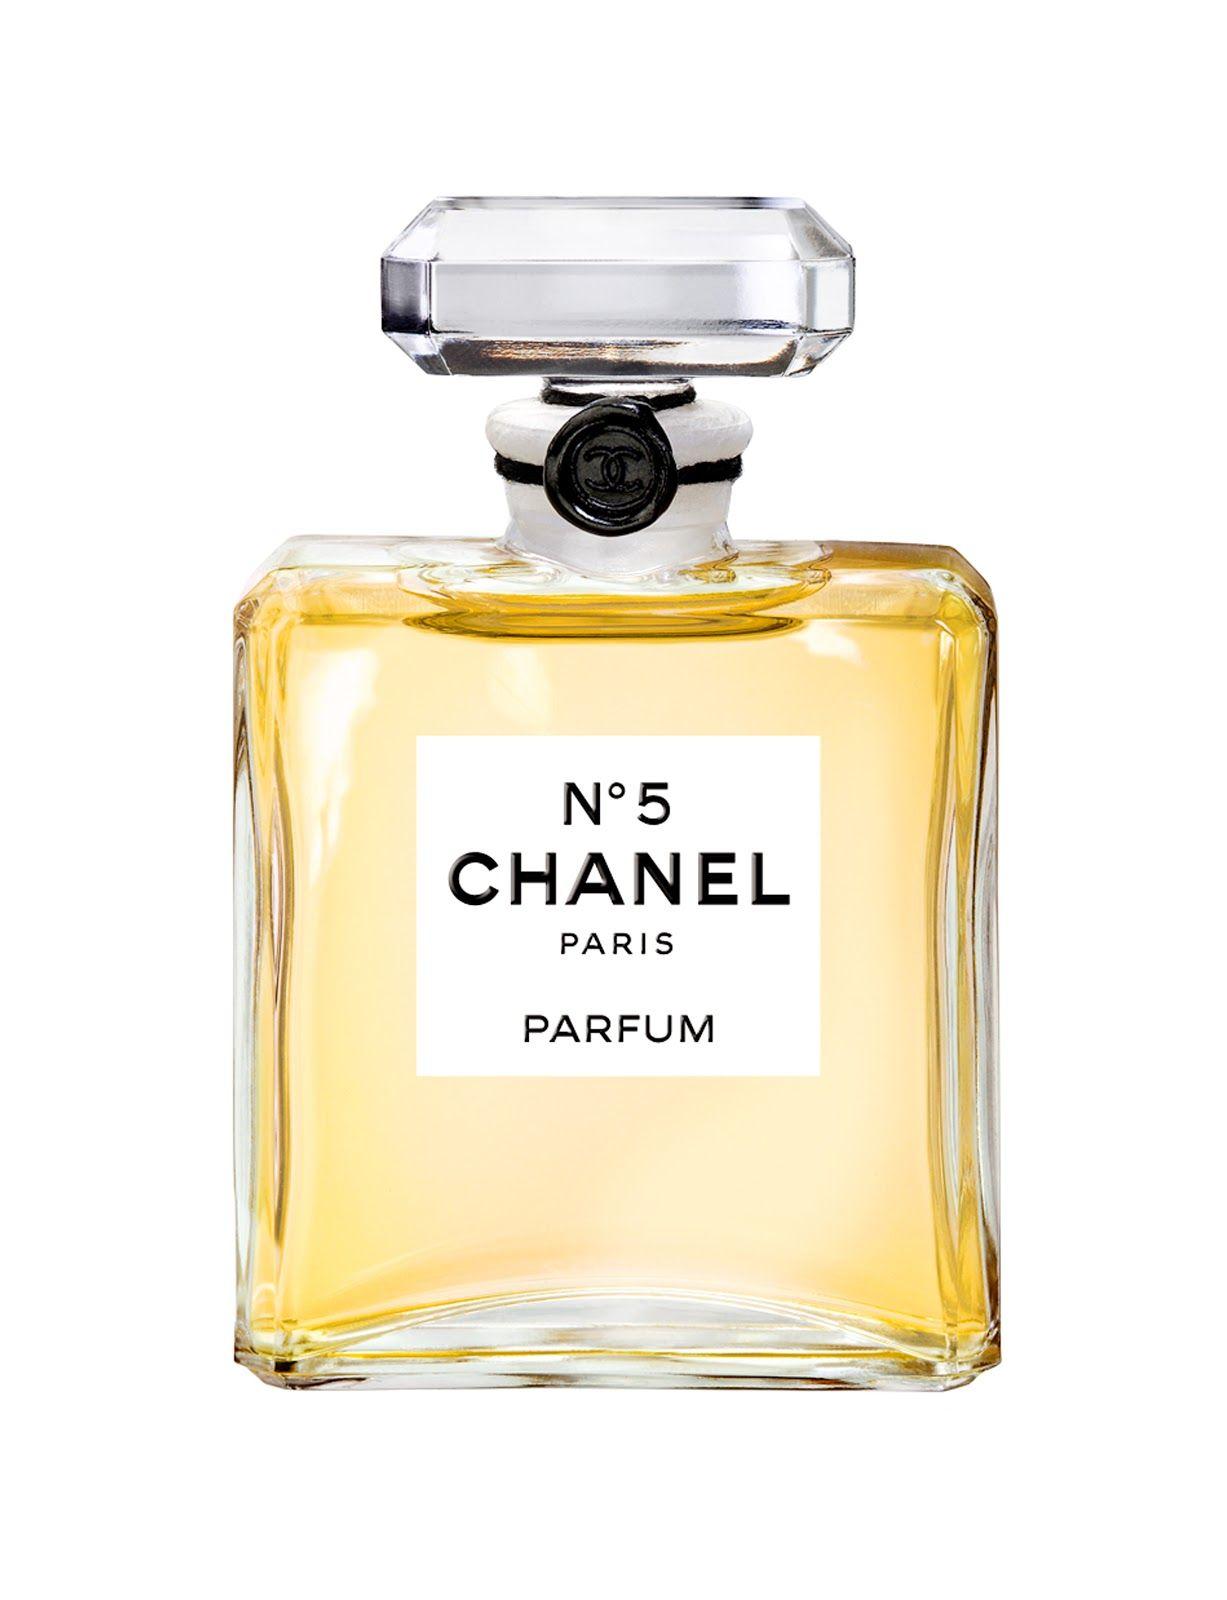 Ciertamente El Nº5 Es Un Perfume Con Una Historia Muy Particular Al Igual Que Su Intenso Aroma Extraño Olo Perfume Chanel Perfume De Mujer El Mejor Perfume